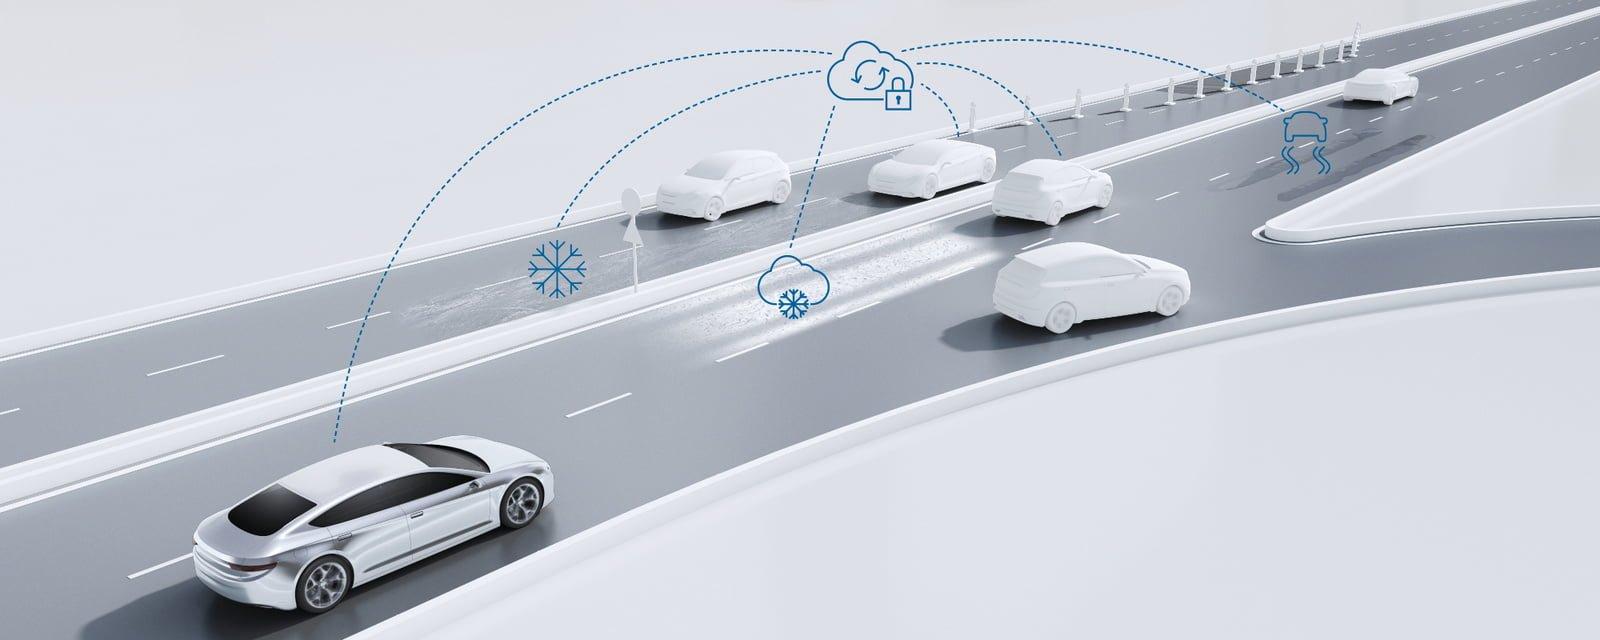 Prognoza pogody na czterech kołach. Bosch chce usprawnić swoje autonomiczne samochody 23